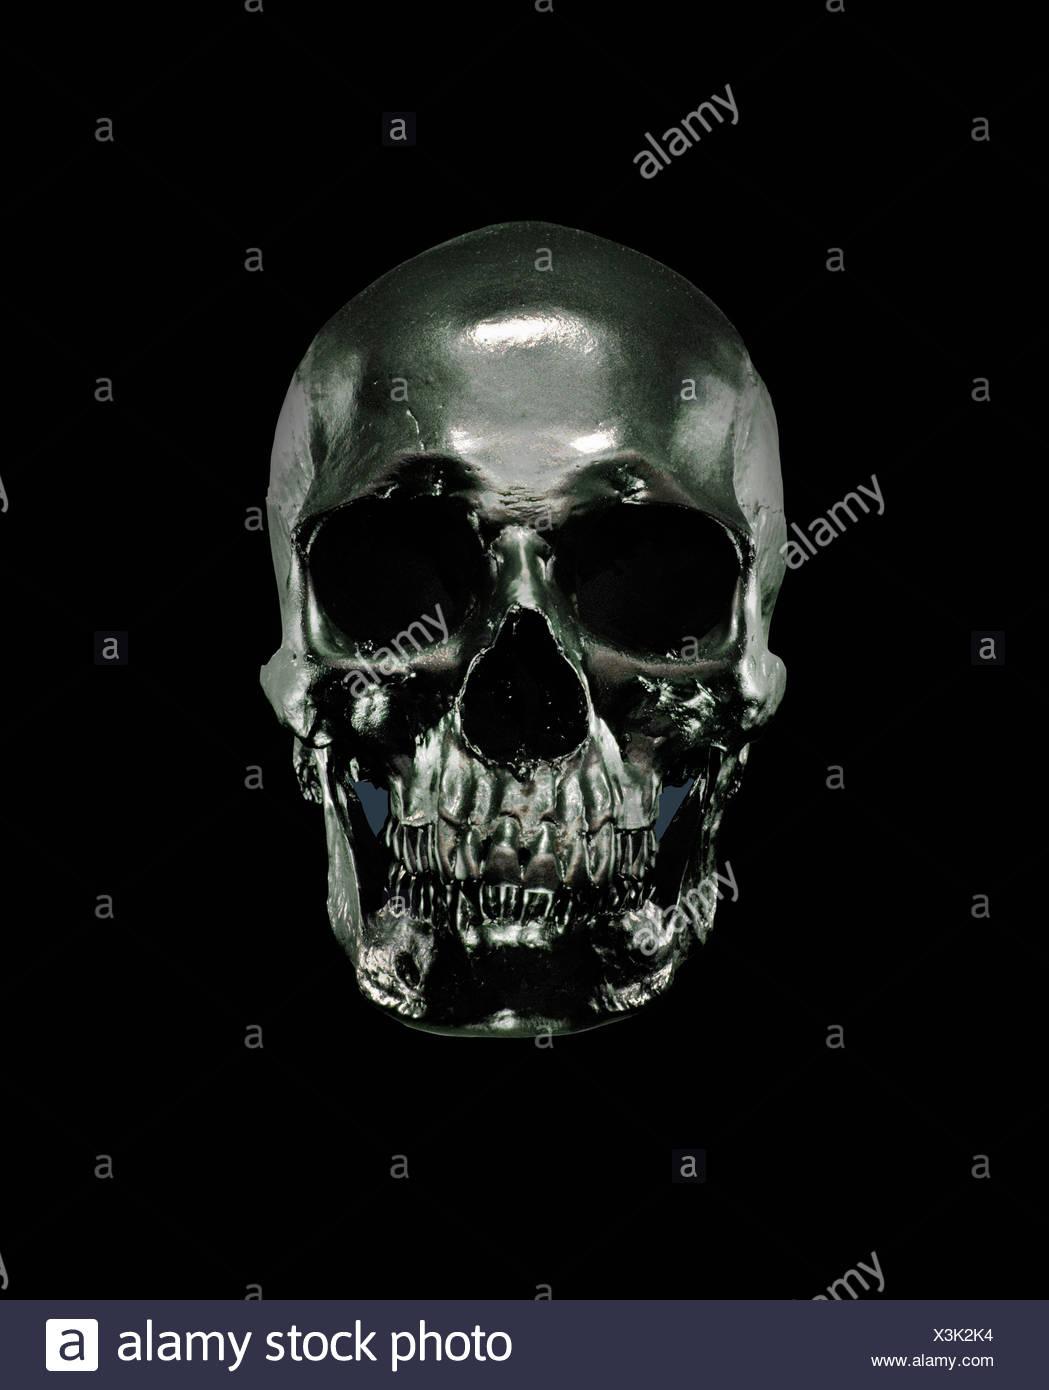 Metal model of human skull - Stock Image